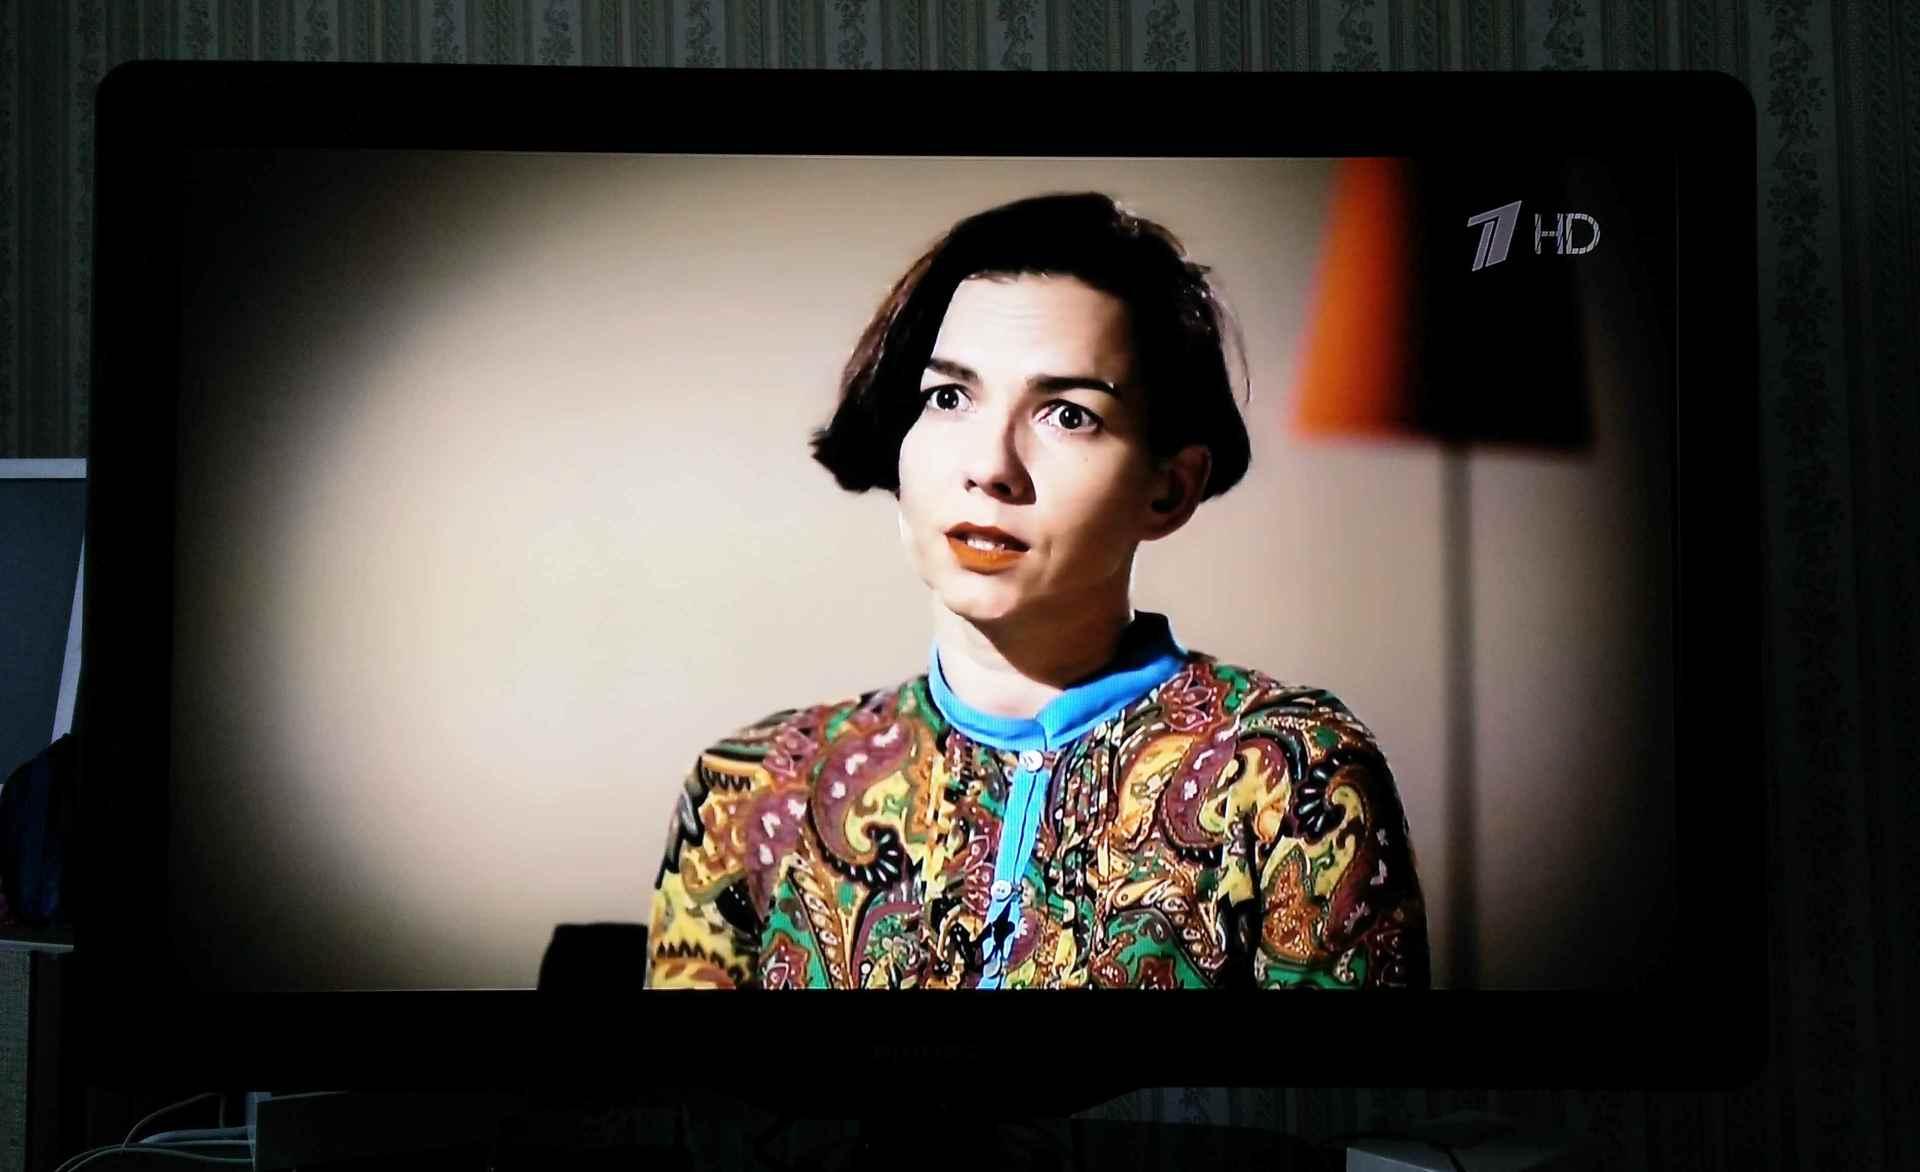 MOYO WOW — ТВ тоже может быть с интеллектом - 91